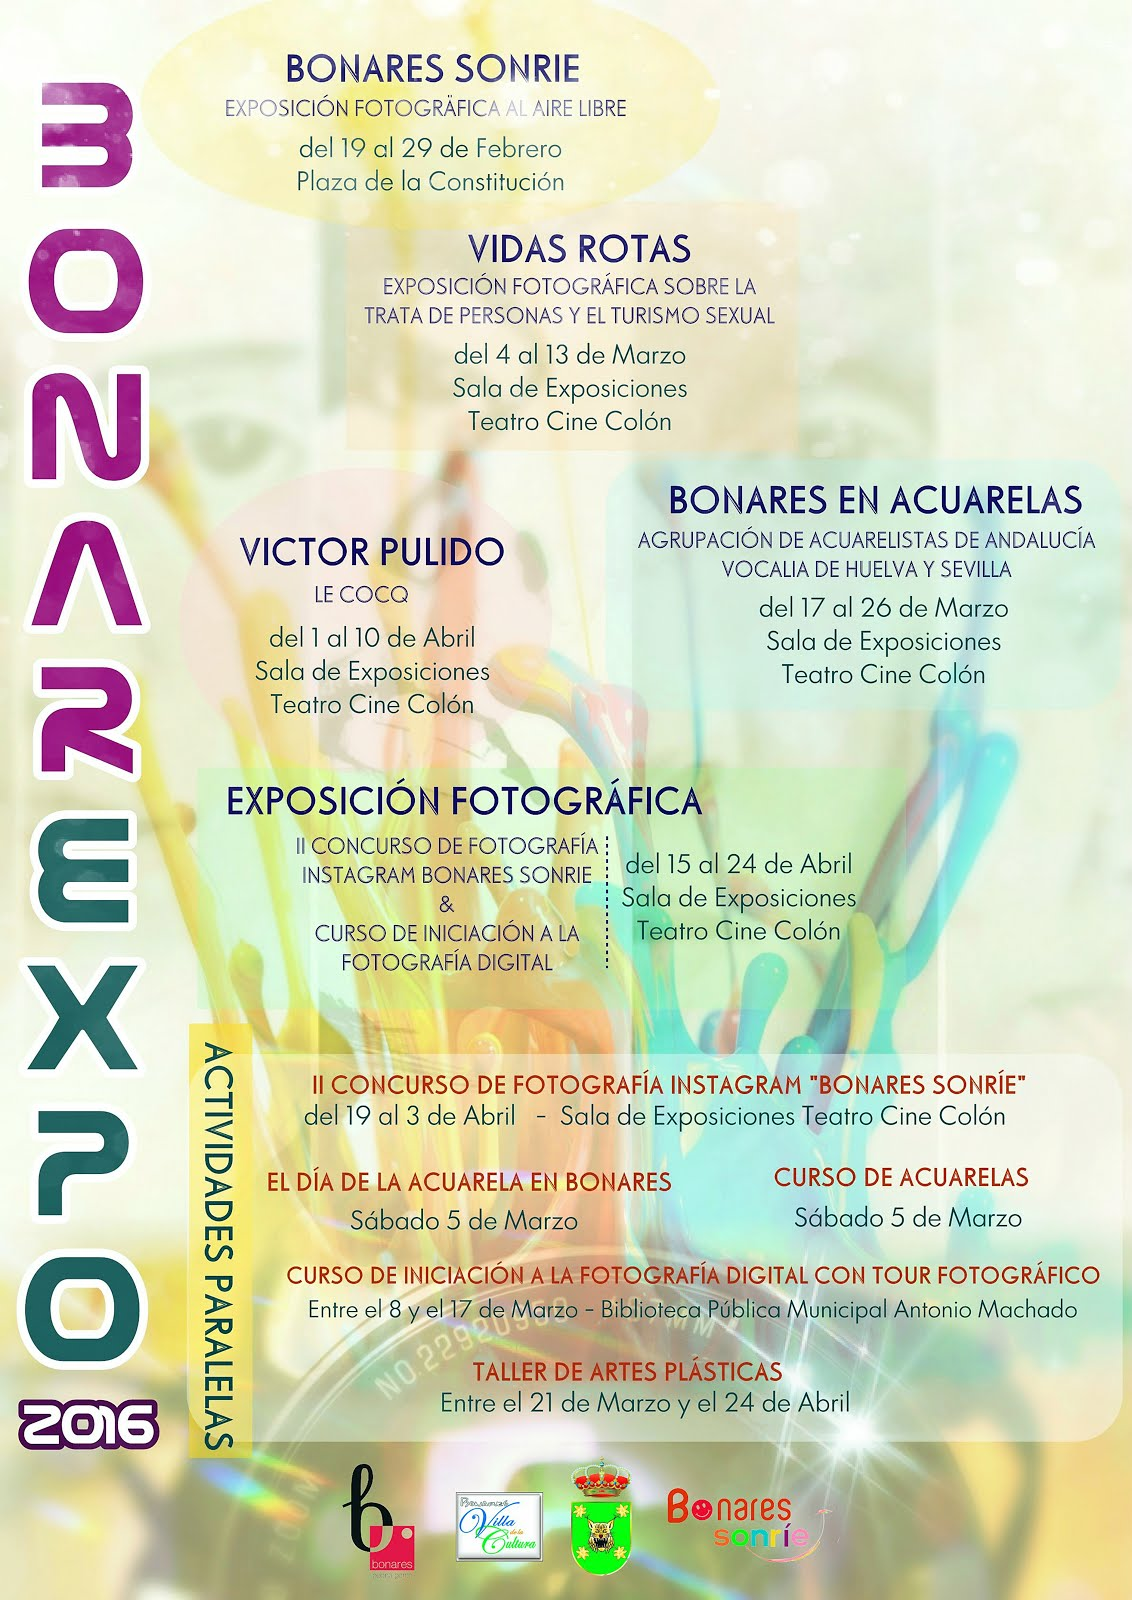 PROGRAMACIÓN BONAREXPO 2016